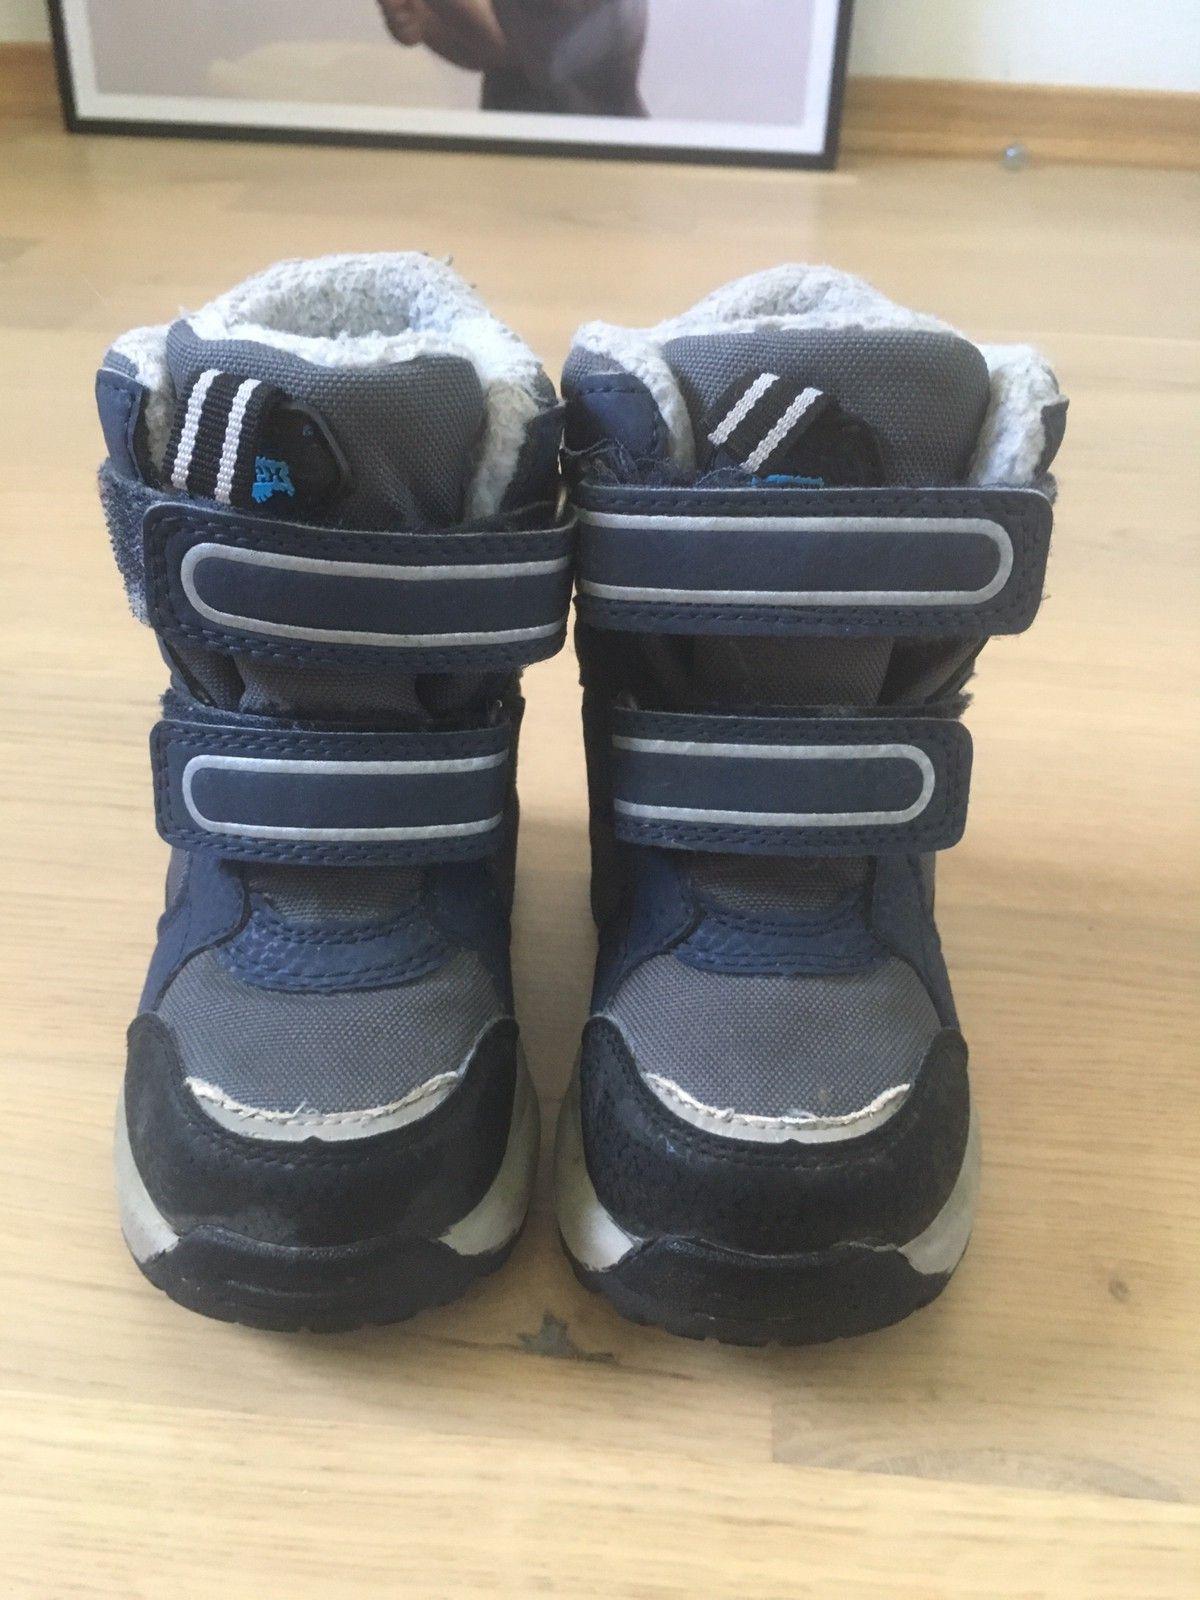 Joggesko brukt gutten er 2 år gammel. Nike sko str 24 andre